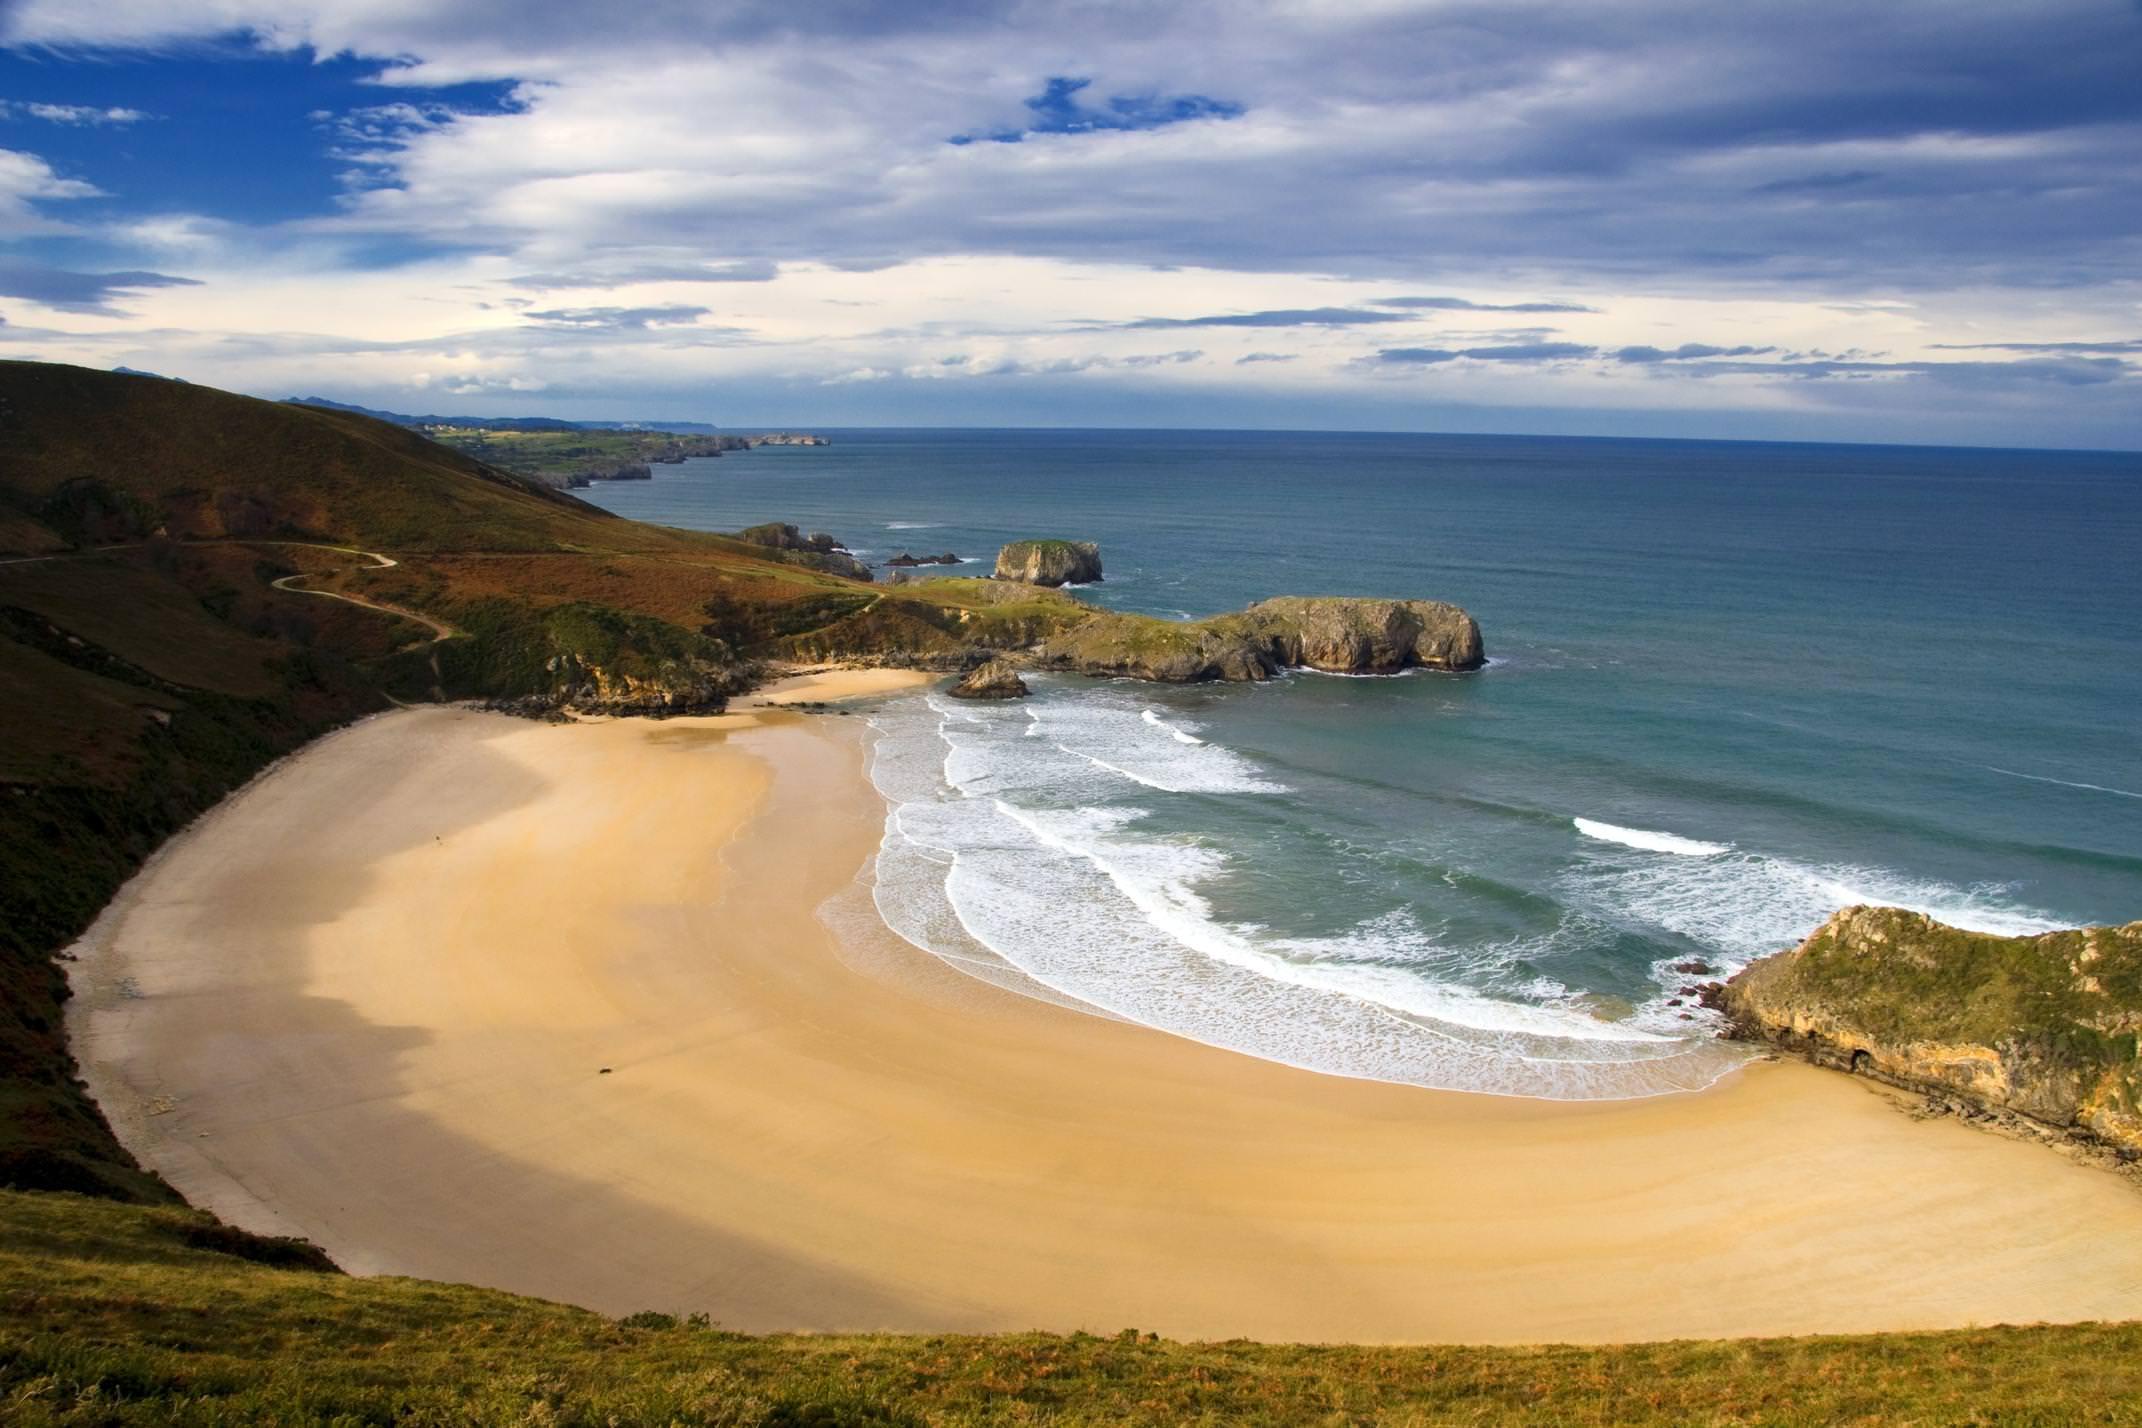 Spain picos de europa beach torimbia llanes